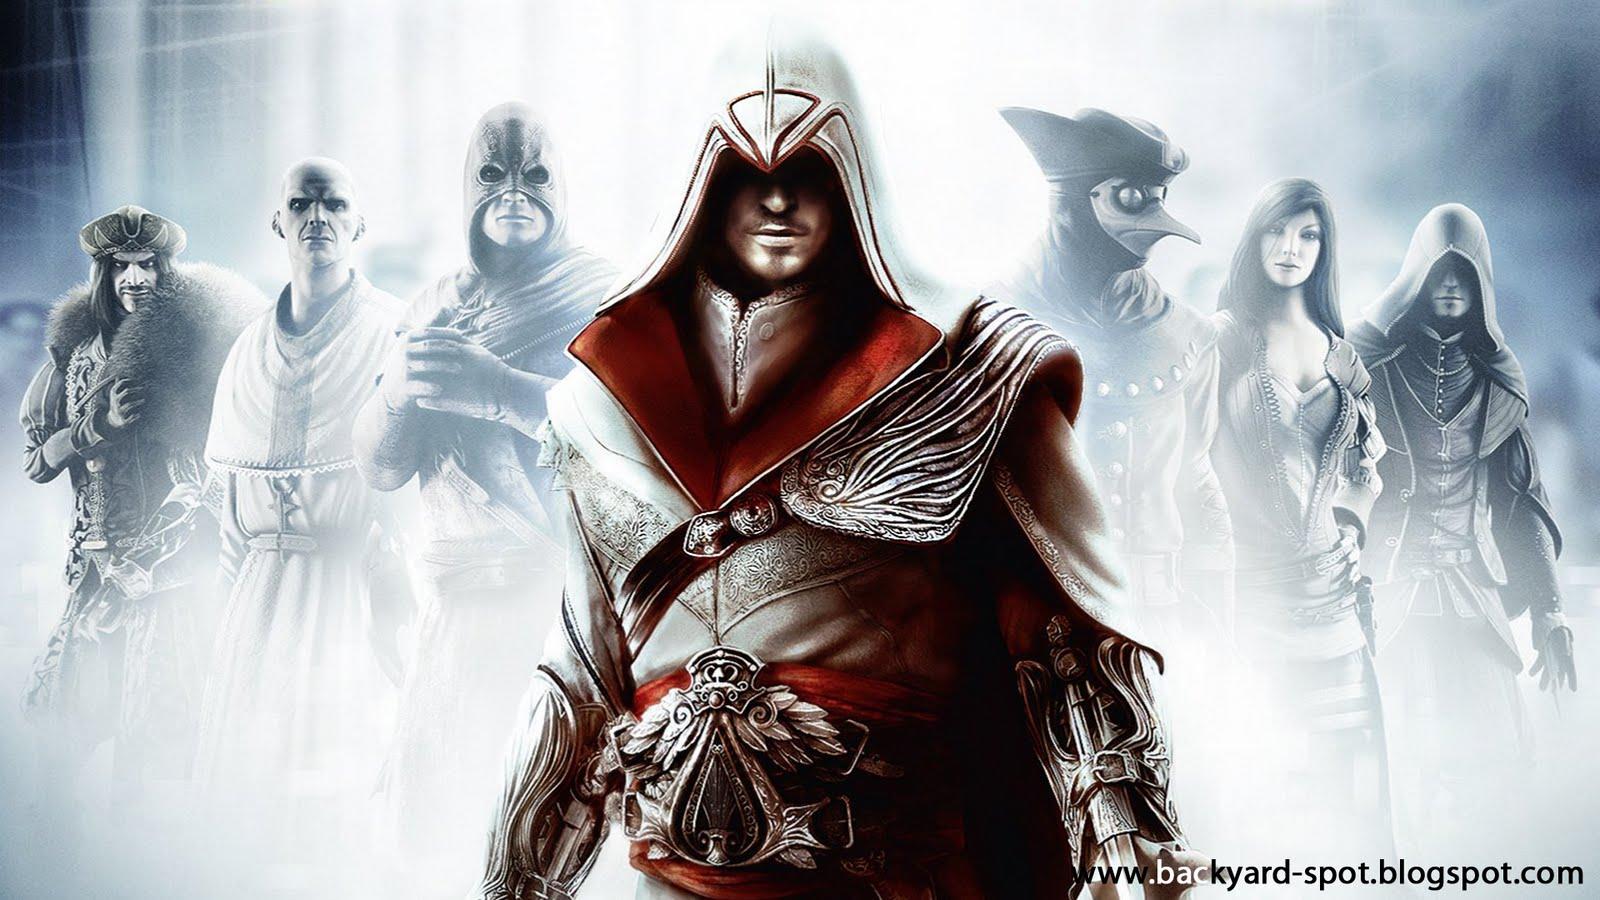 Assassins Creed Brotherhood Wallpaper HD 108 10815 Wallpaper Game 1600x900